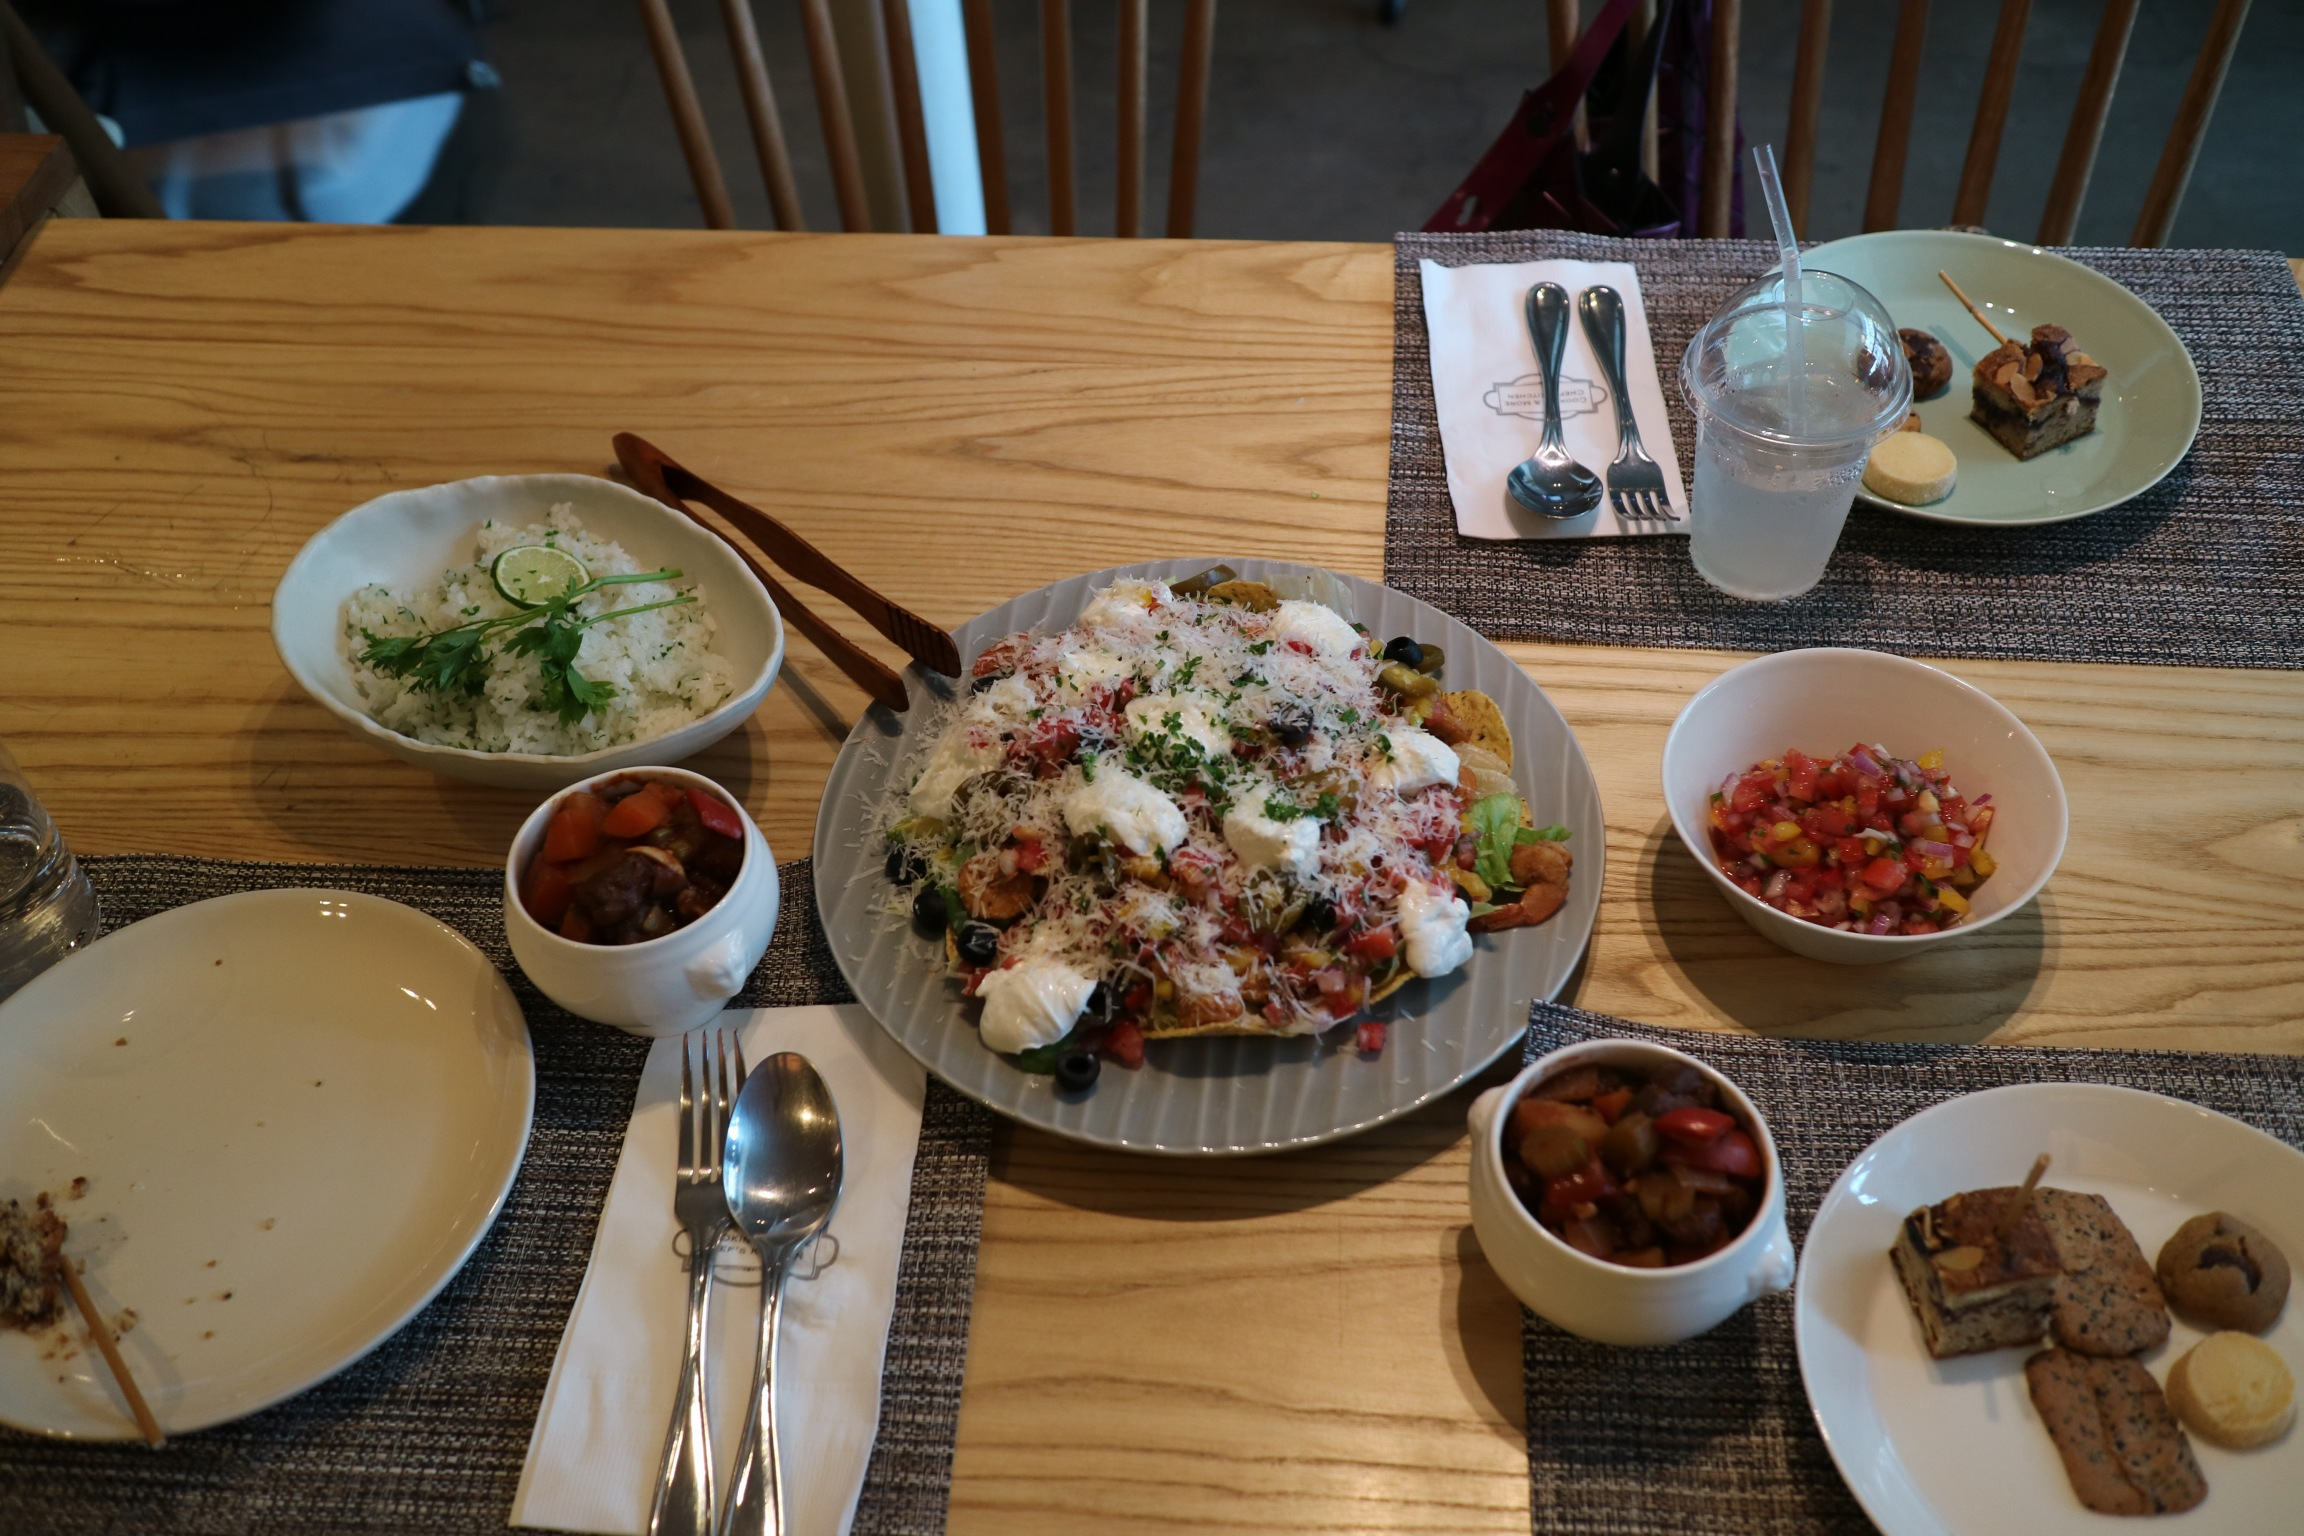 원데이쿠킹클래스 - 세계집밥 - 멕시칸 보양식편(8월)